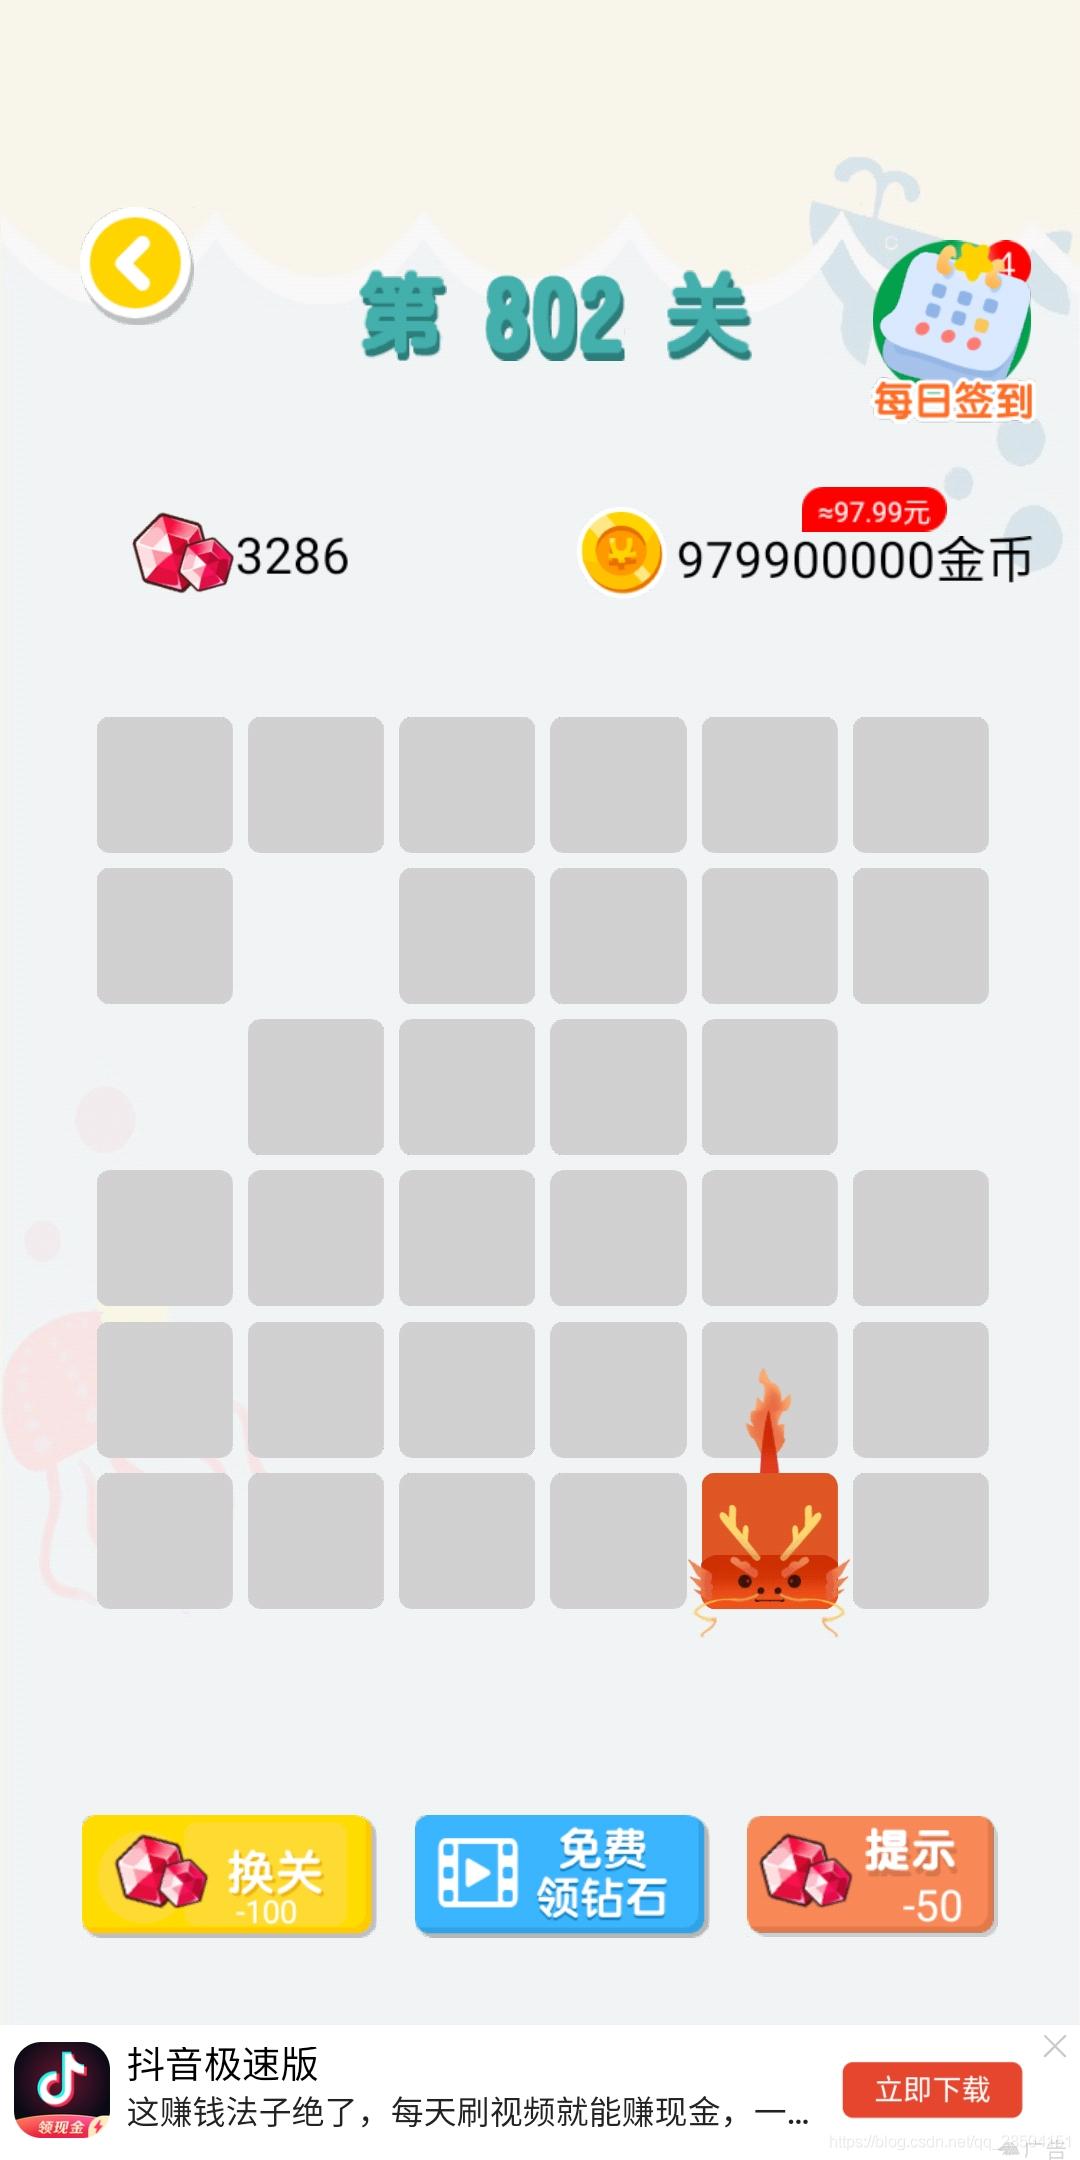 可从头条搜索下载,但是个骗人的app,金币根本无法提现